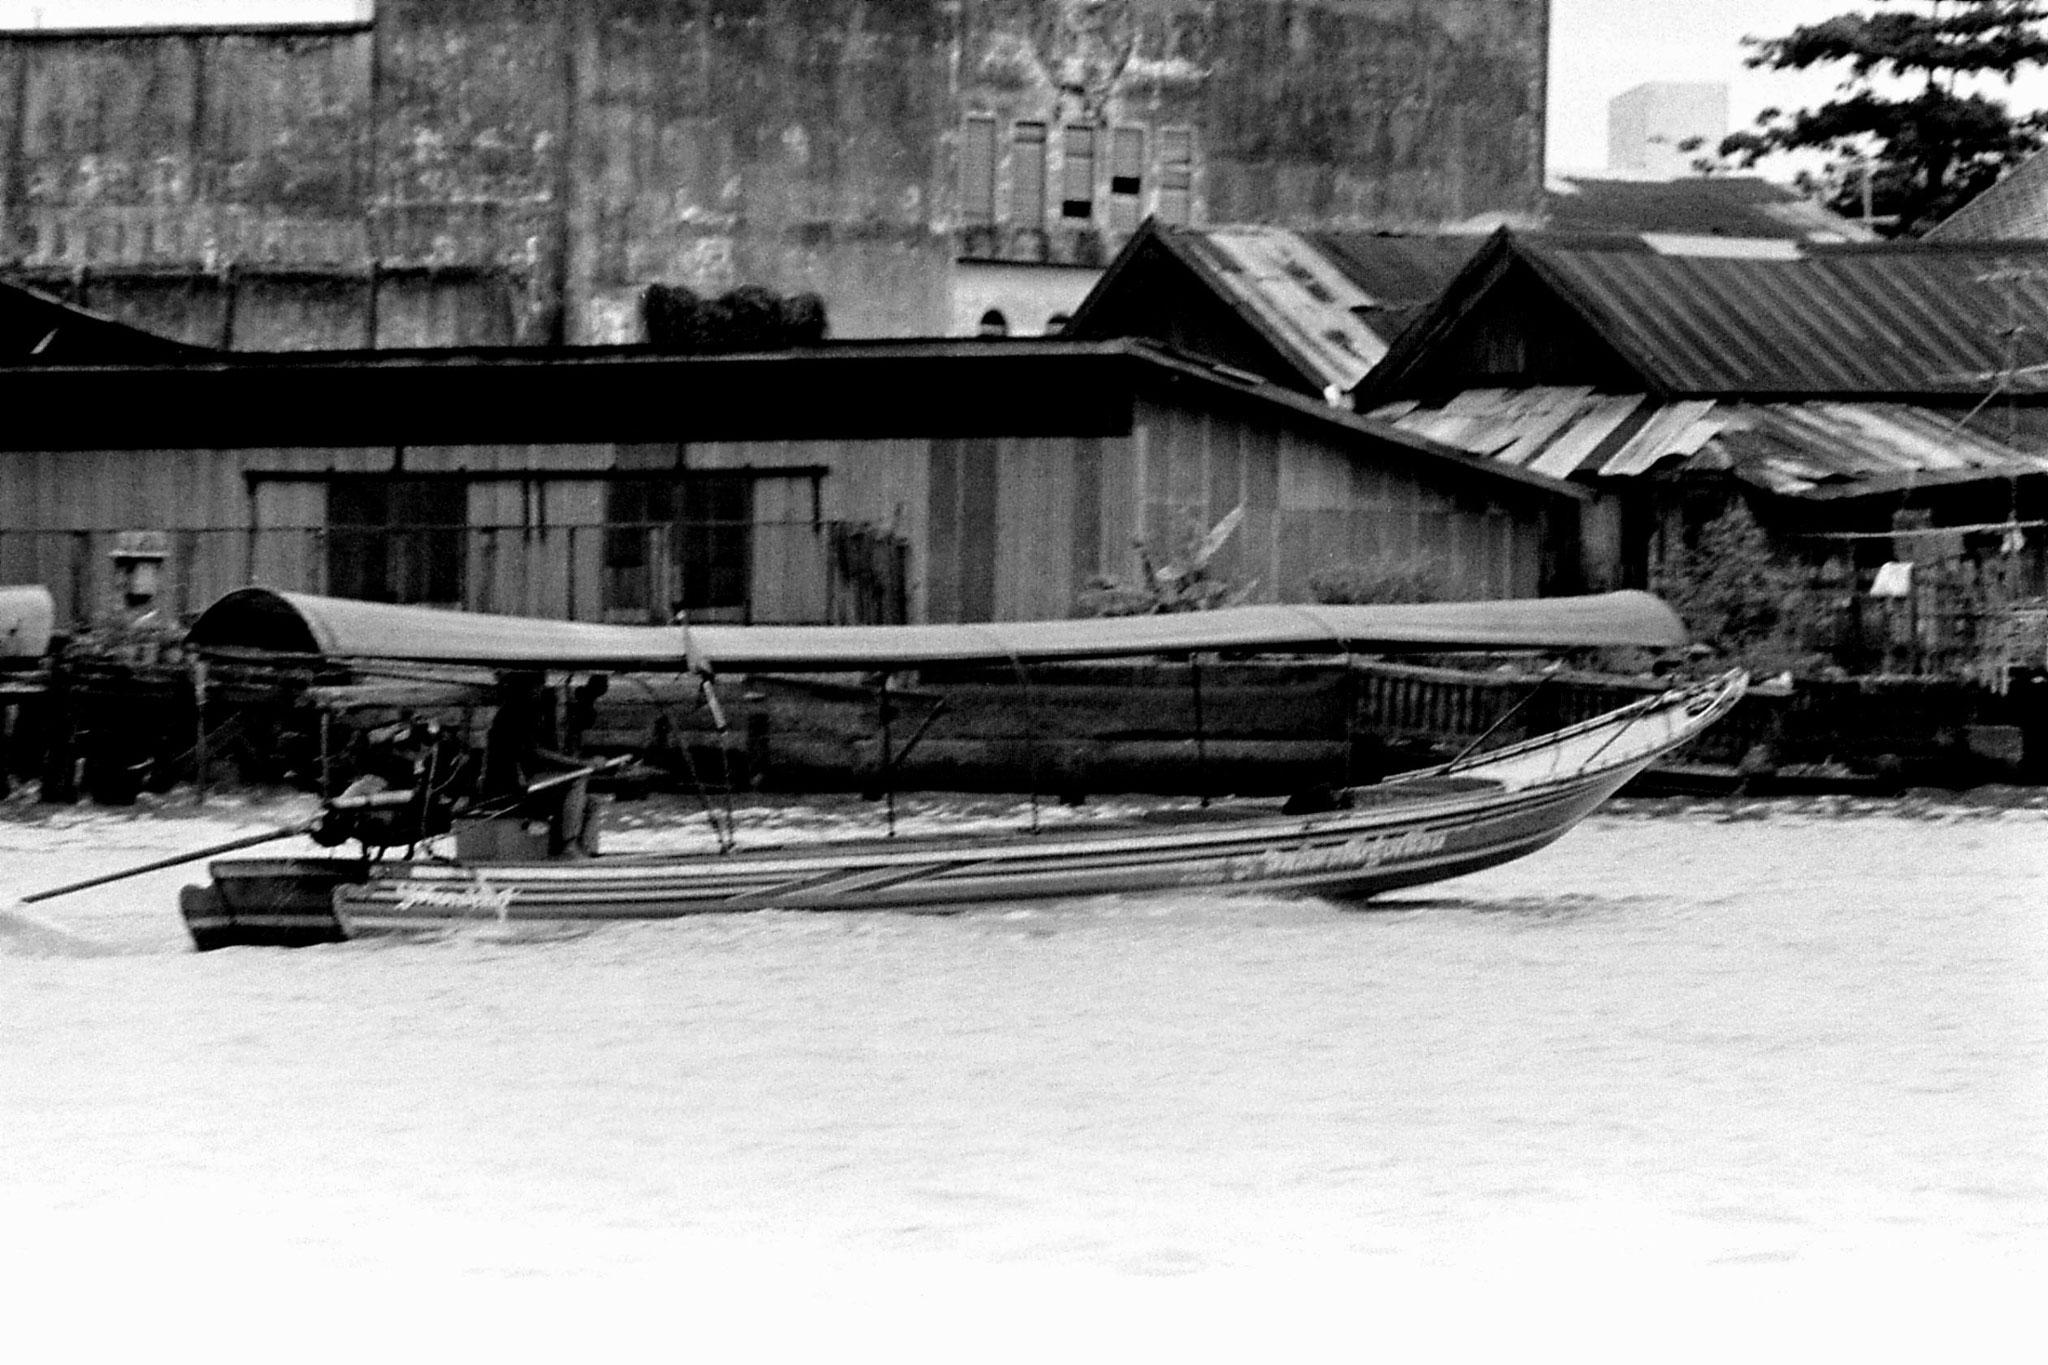 17/6/1990: 16: Bangkok, on the river